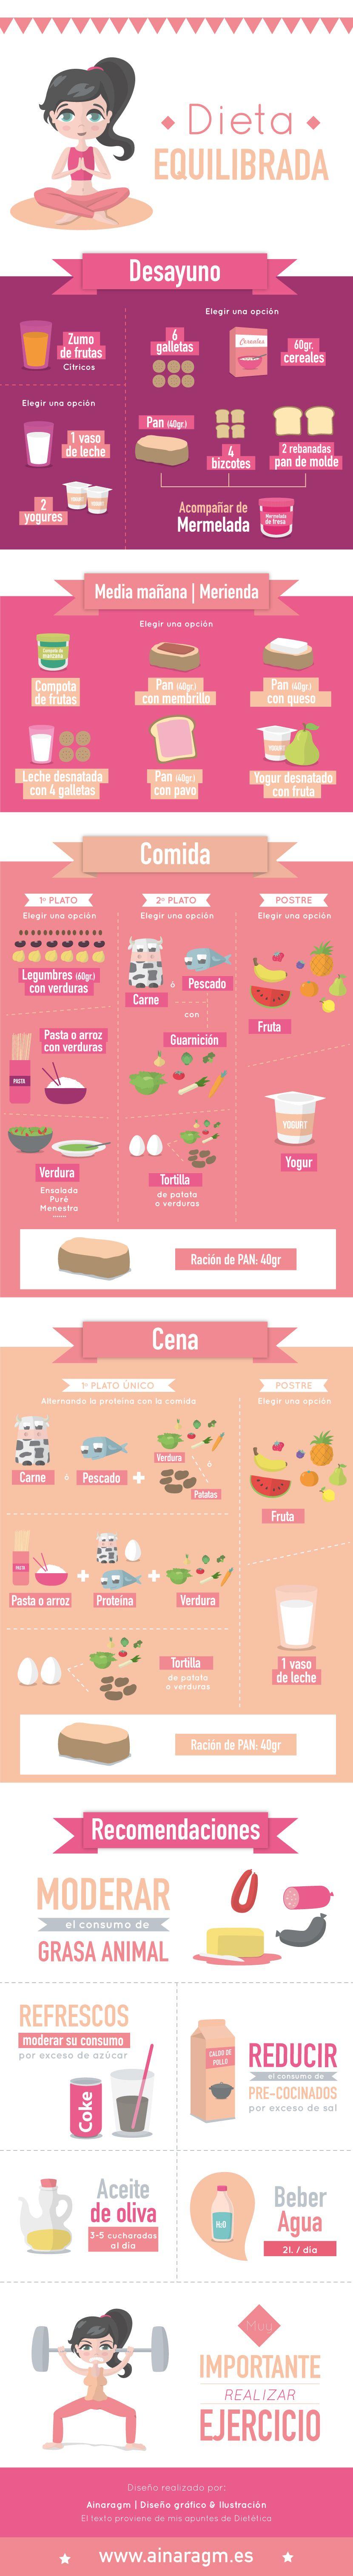 dieta equilibrada . que comer en cada comida.